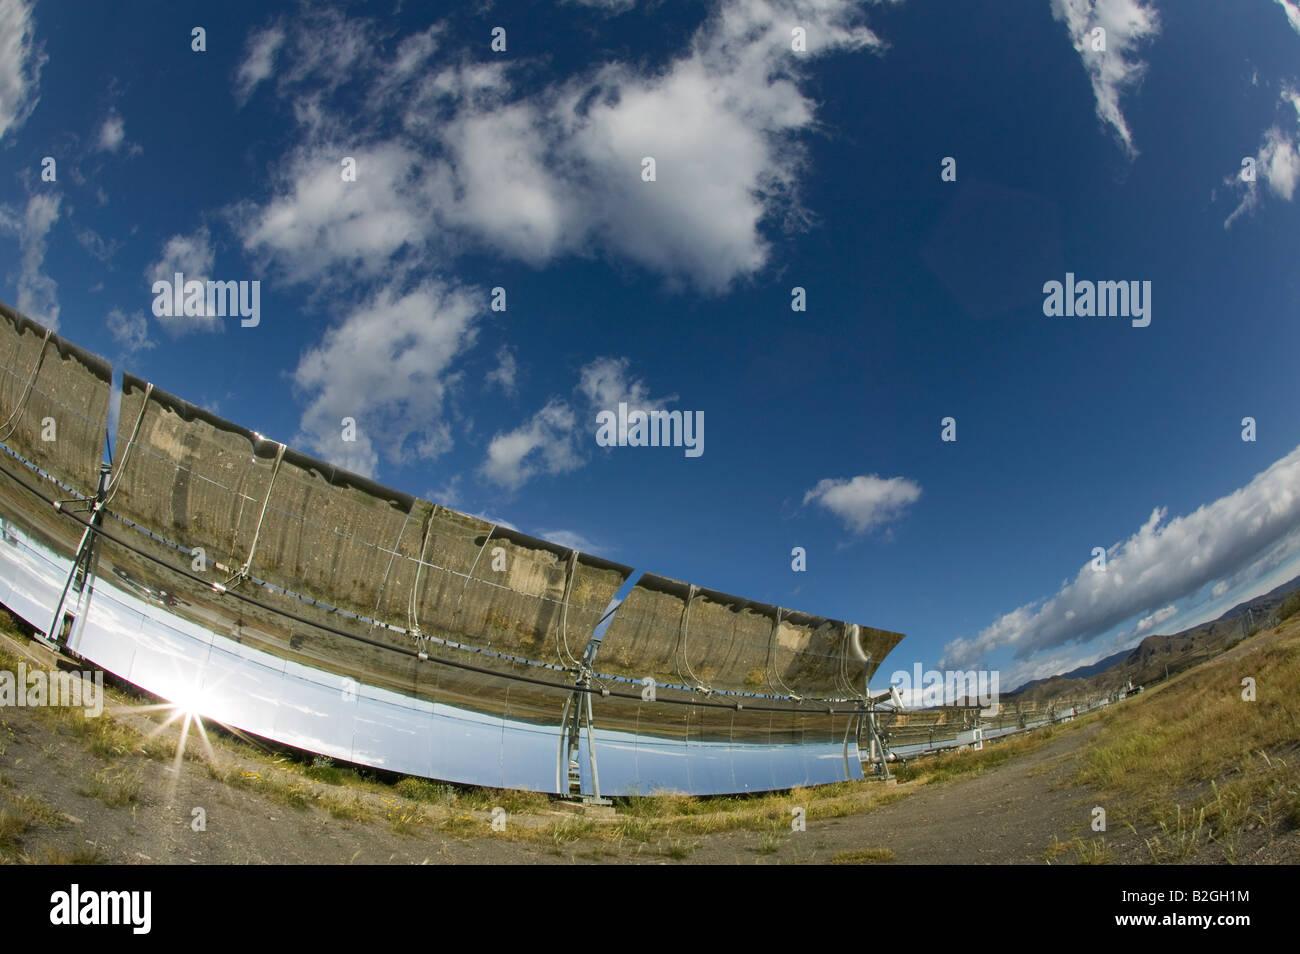 Colectores cilindro parabólicos solares prototipo, Ciemat, Plataforma Solar de Almaria, Andalucía, España. Imagen De Stock